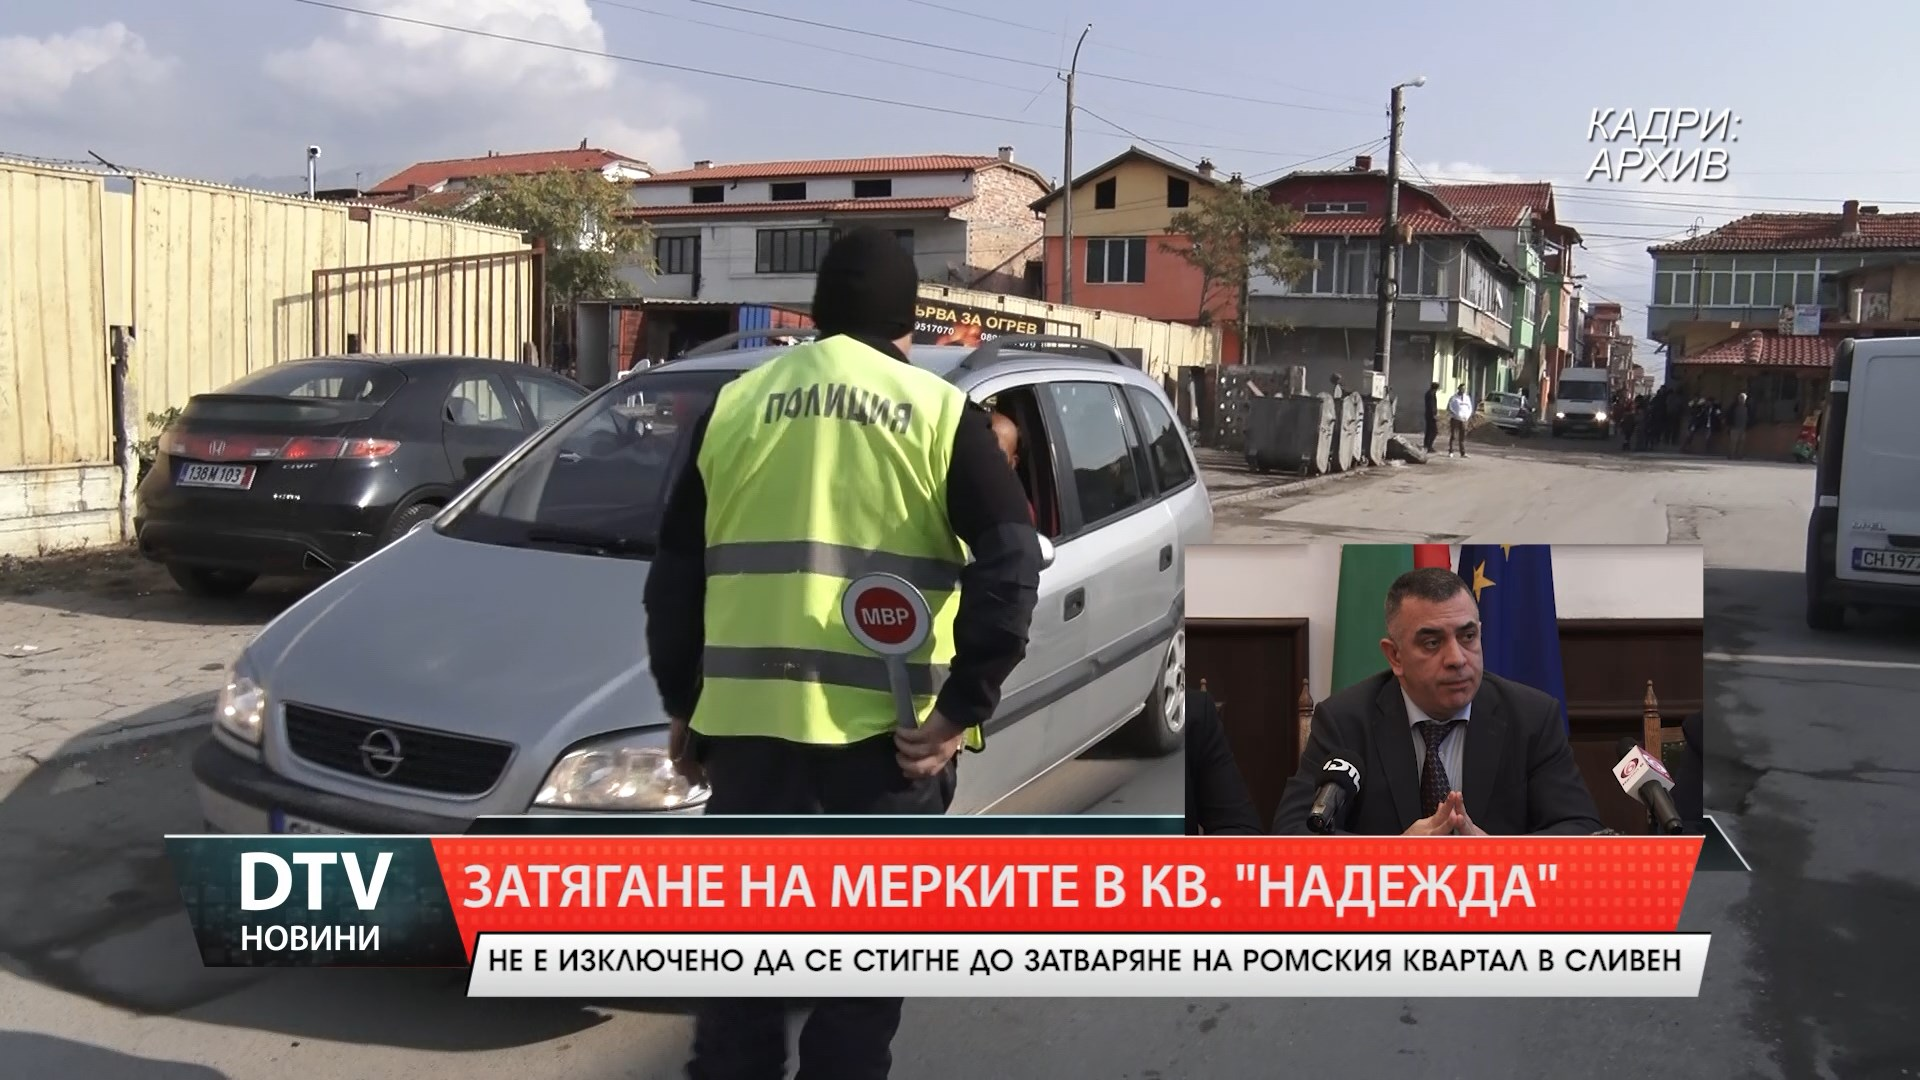 """Затягат мерките в сливенския квартал """"Надежда"""""""